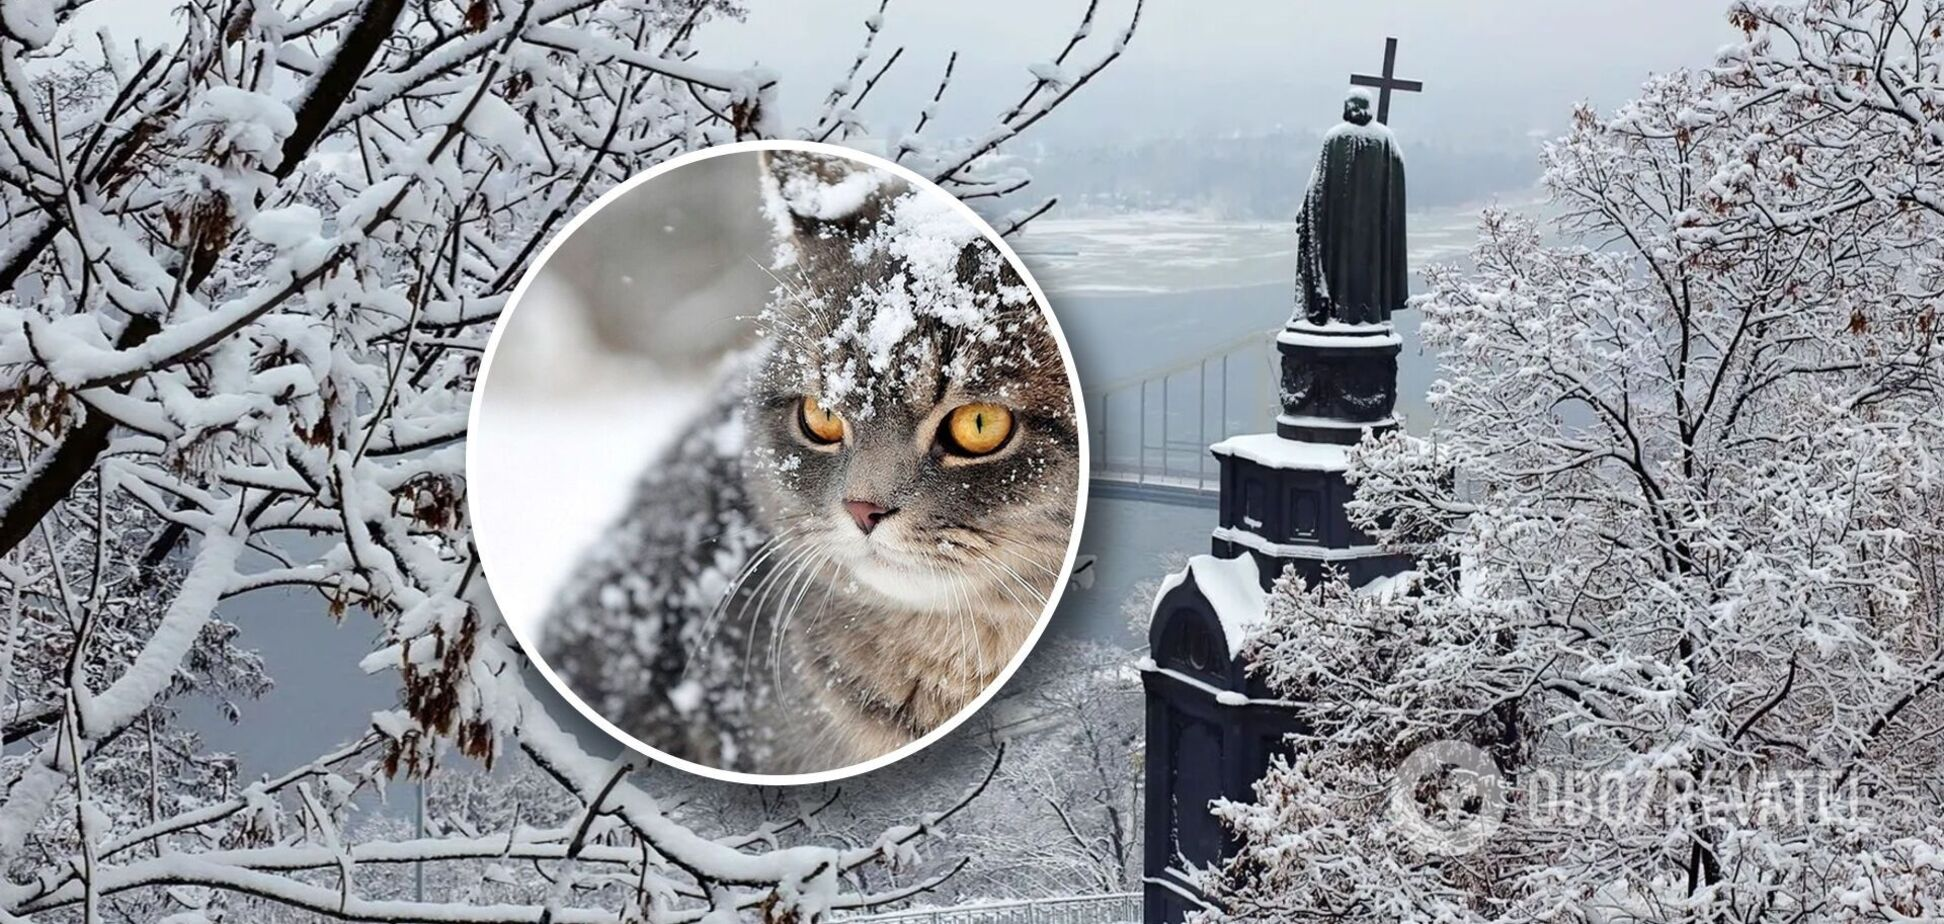 Какой будет погода в Украине на Николая, Рождество и Новый год: синоптики дали прогноз на зиму